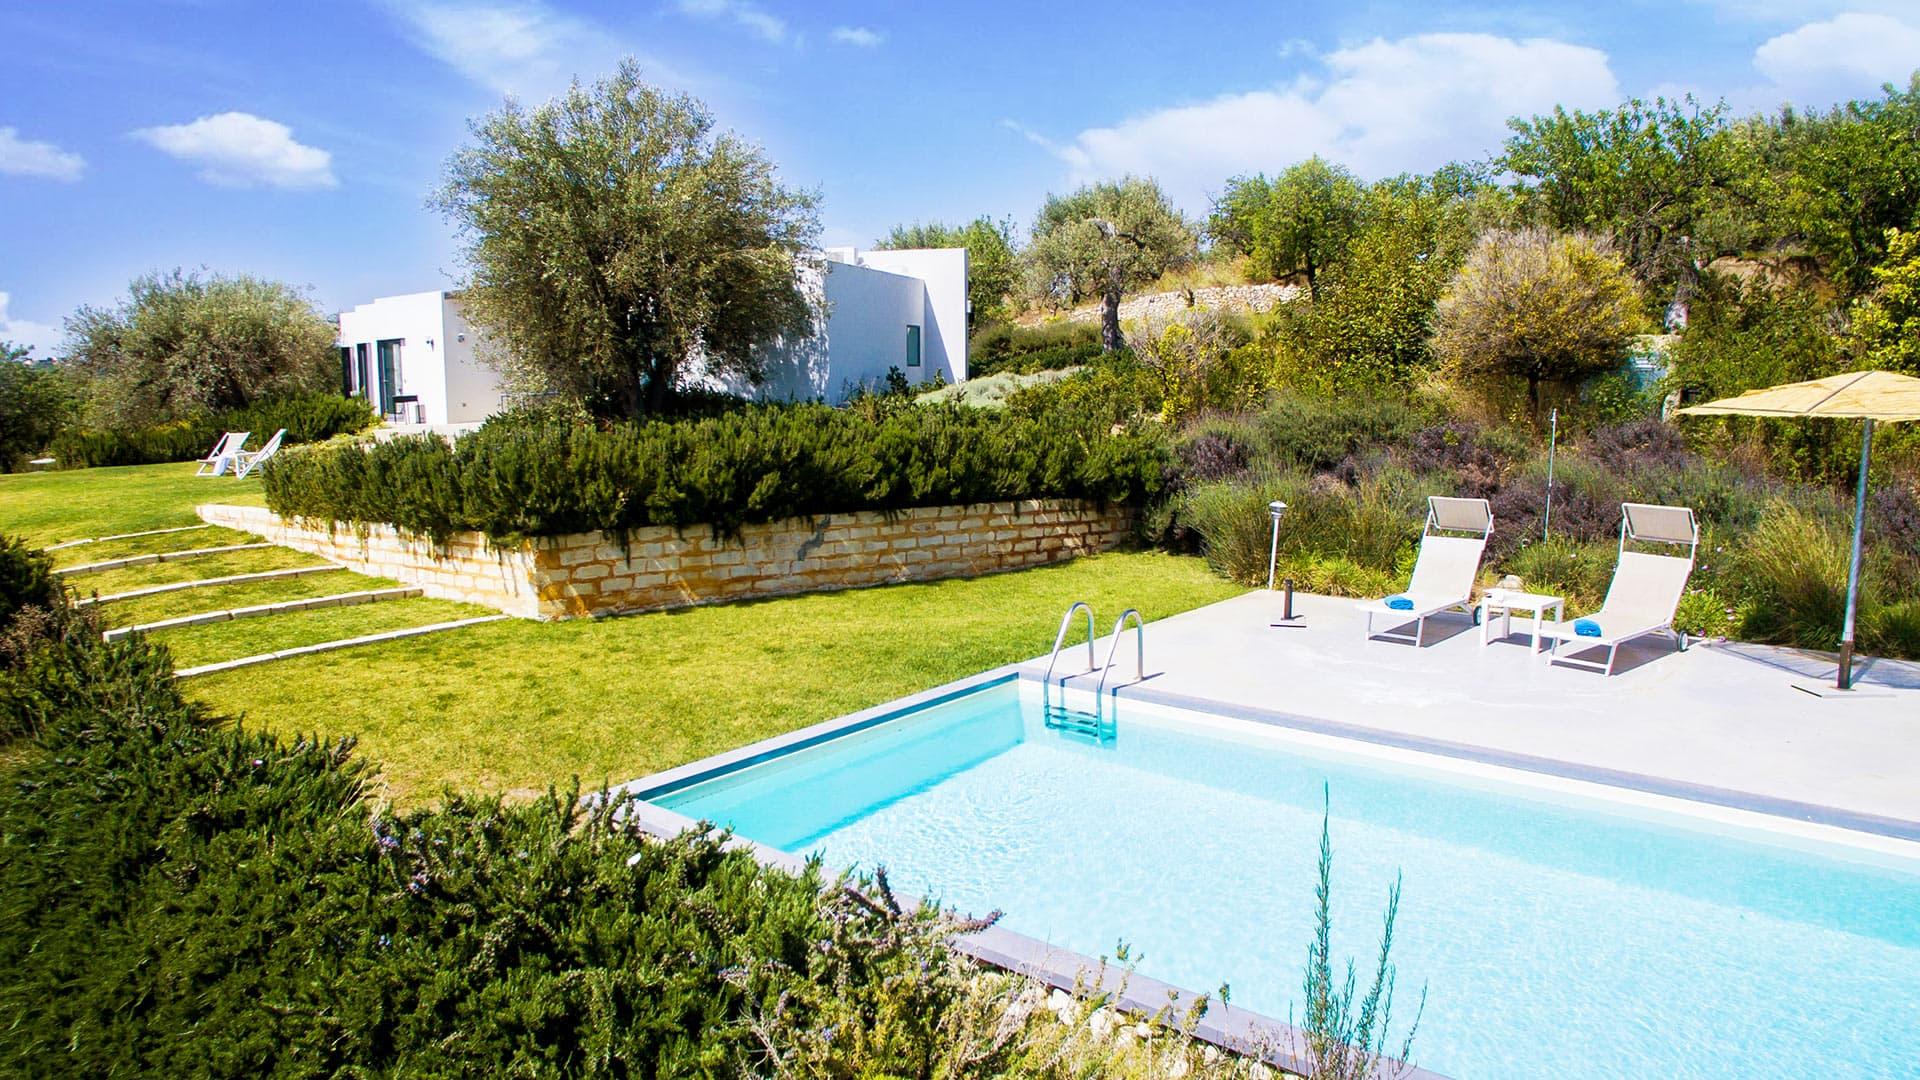 Villa Cavaliere - Villa rental in Sicily, Sicily South ...